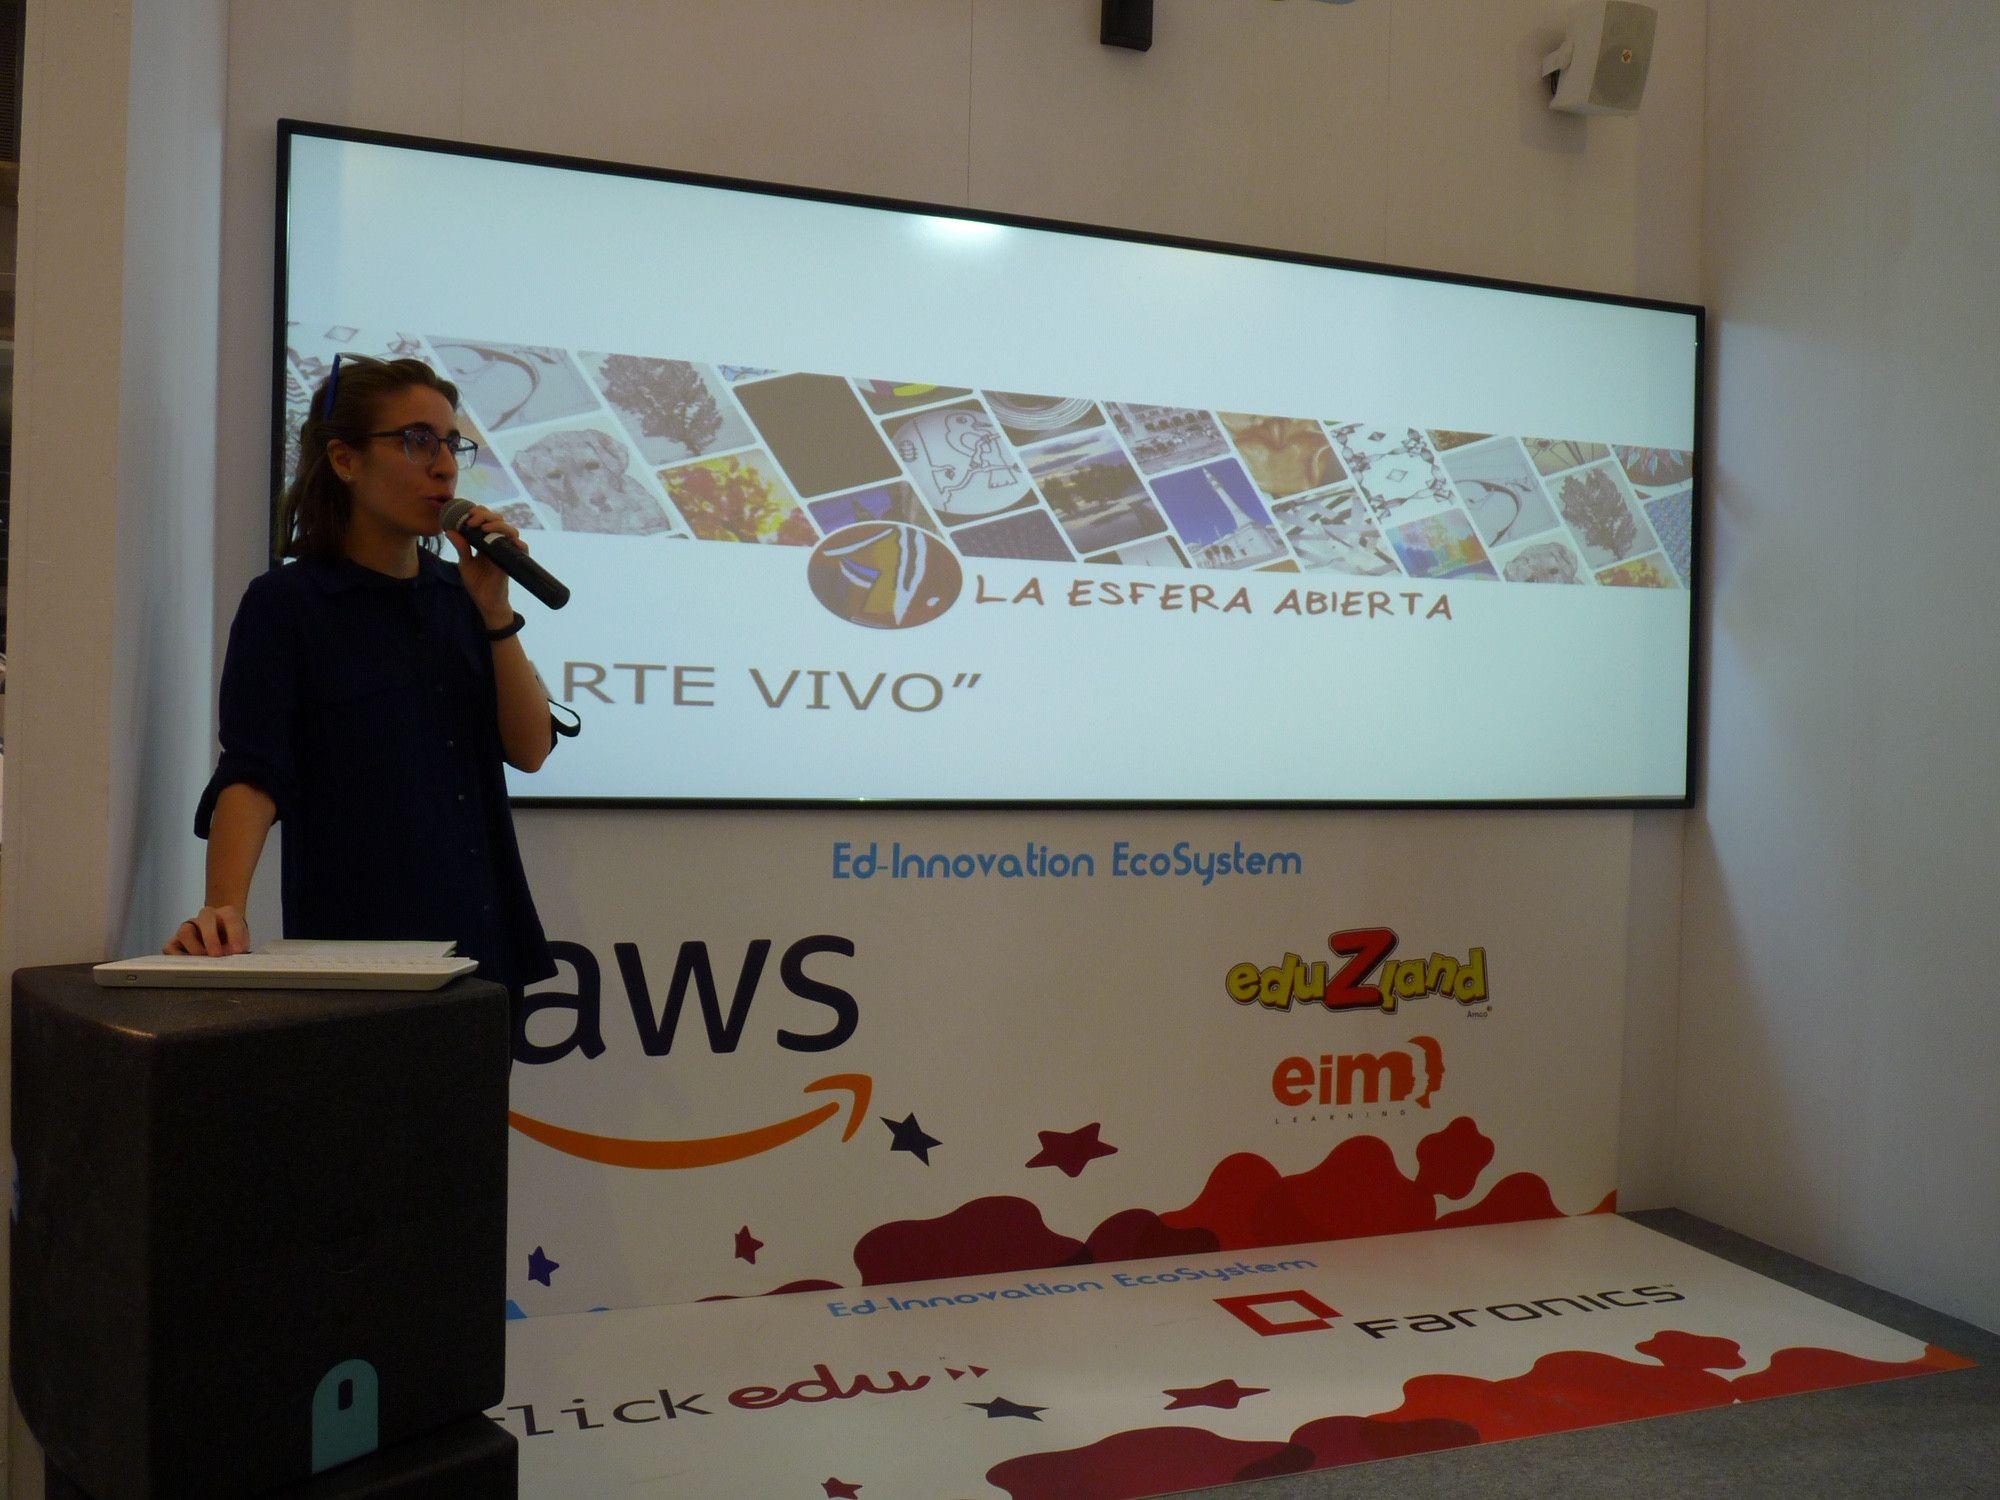 El Colegio San Agustín de Salamanca participa en el Salón Internacional de Tecnología e Innovación Educativa de Madrid - Salamanca 24 Horas